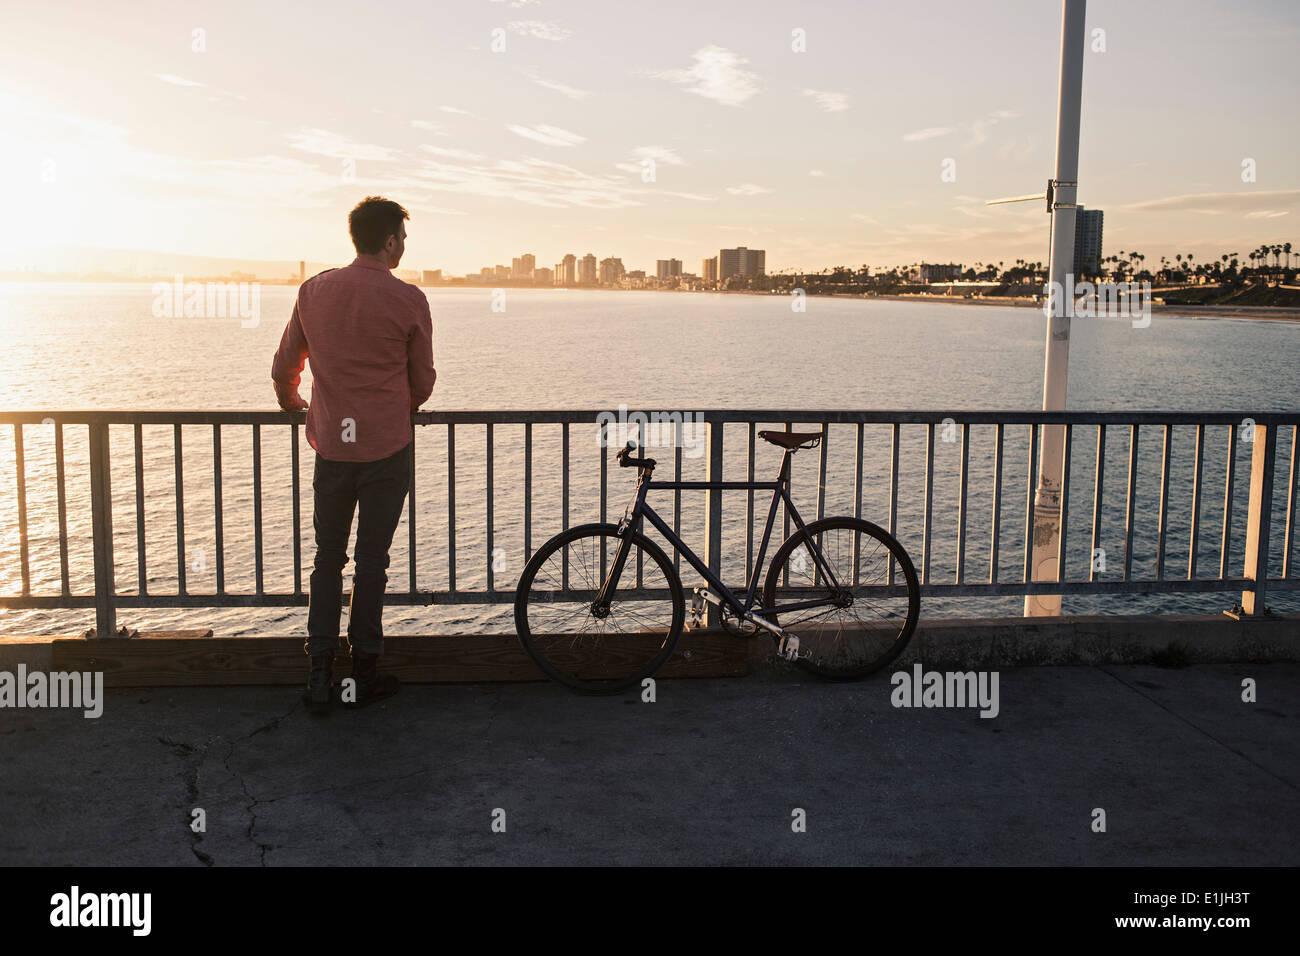 Giovane uomo guardando dal molo, Long Beach, California, Stati Uniti d'America Immagini Stock